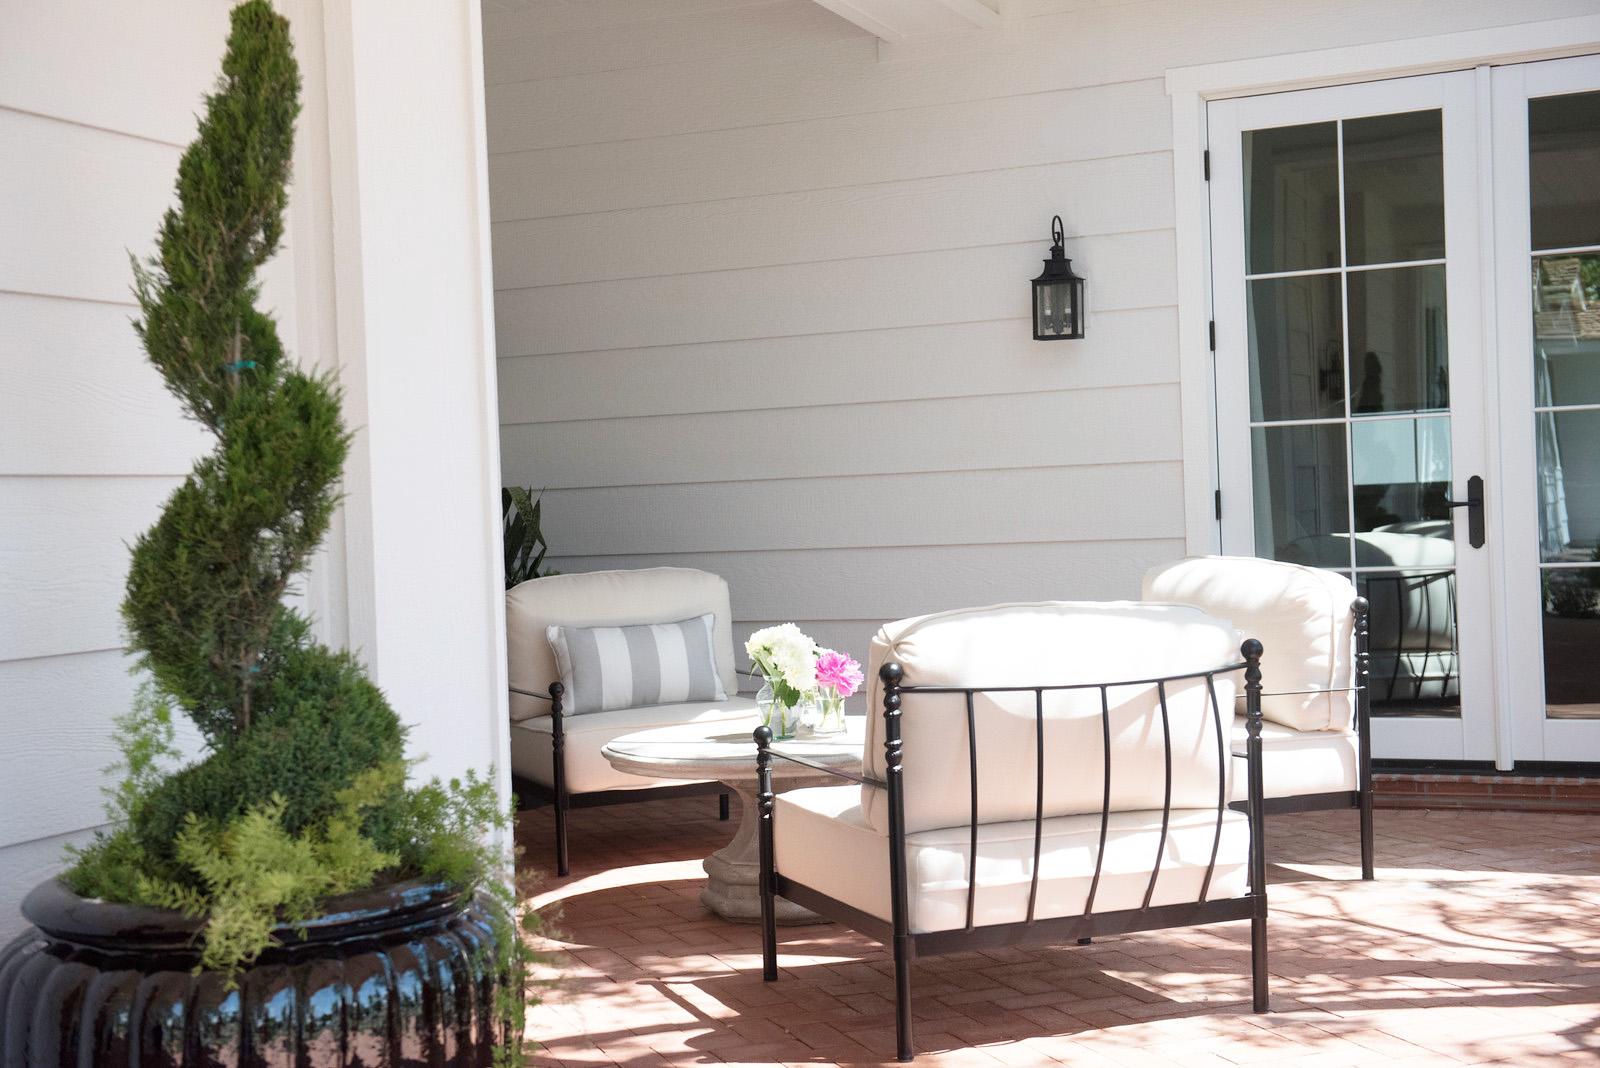 75_Courtyard+Chairs+Lounge+Topiary+Blackandwhite.jpg